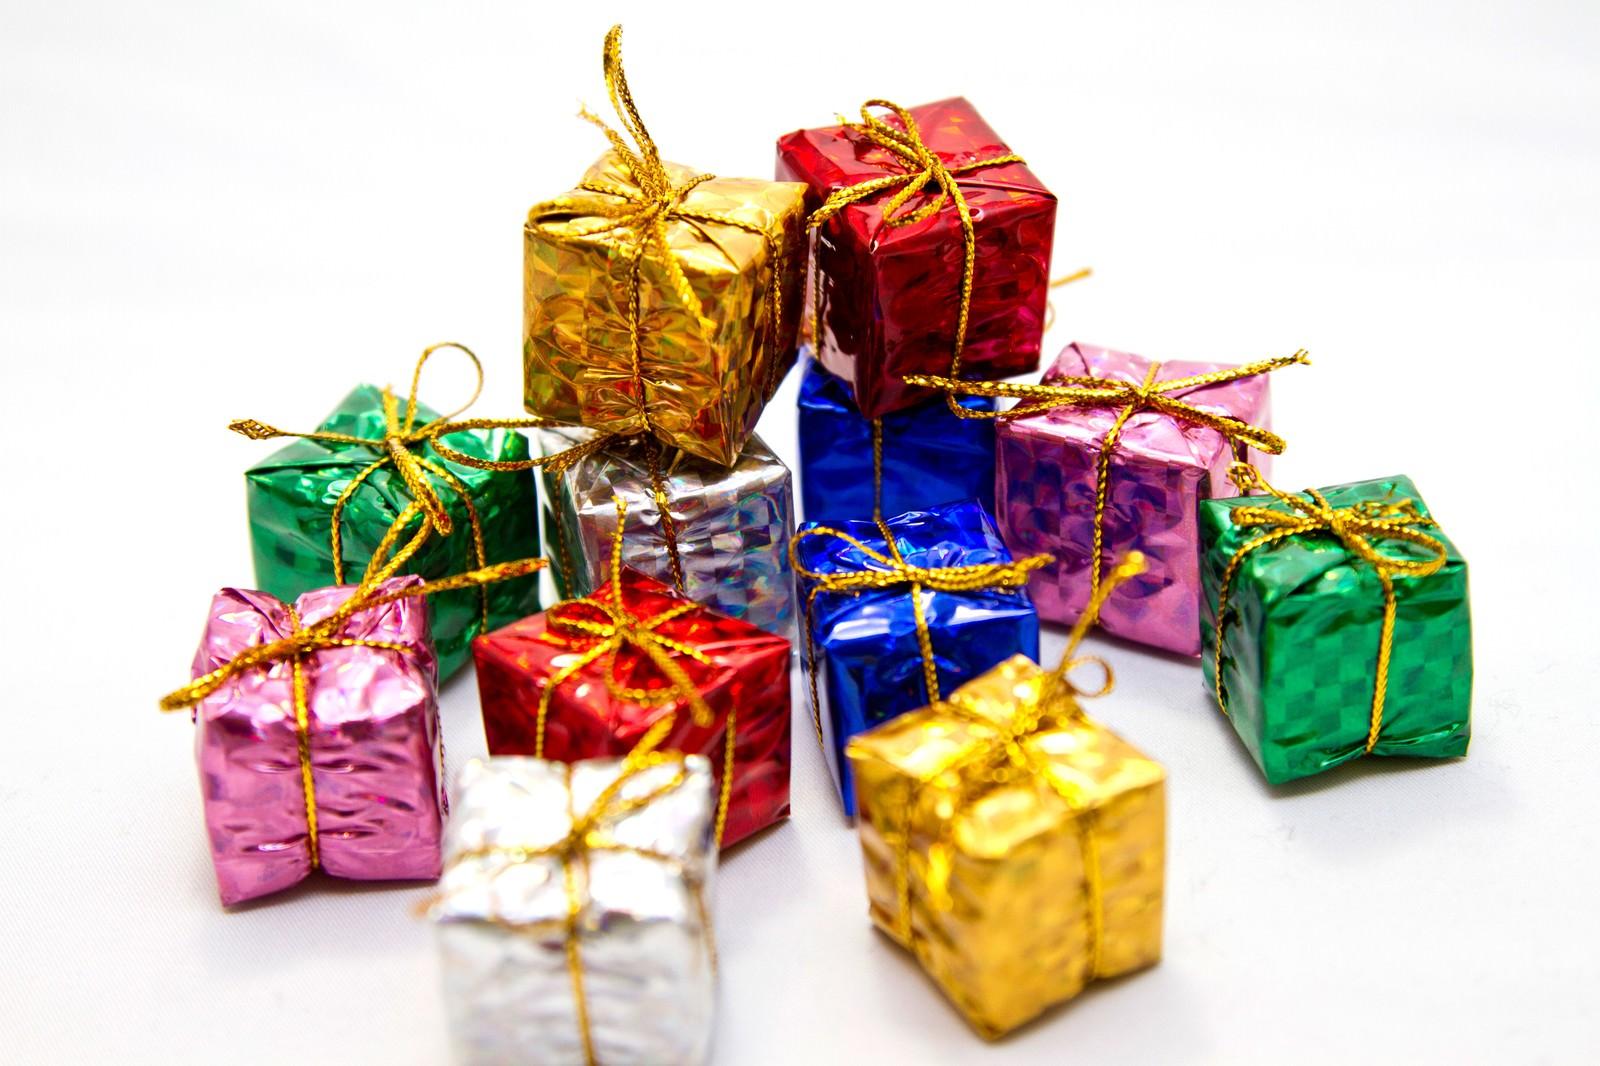 「積み重ねたプレゼントボックス」の写真